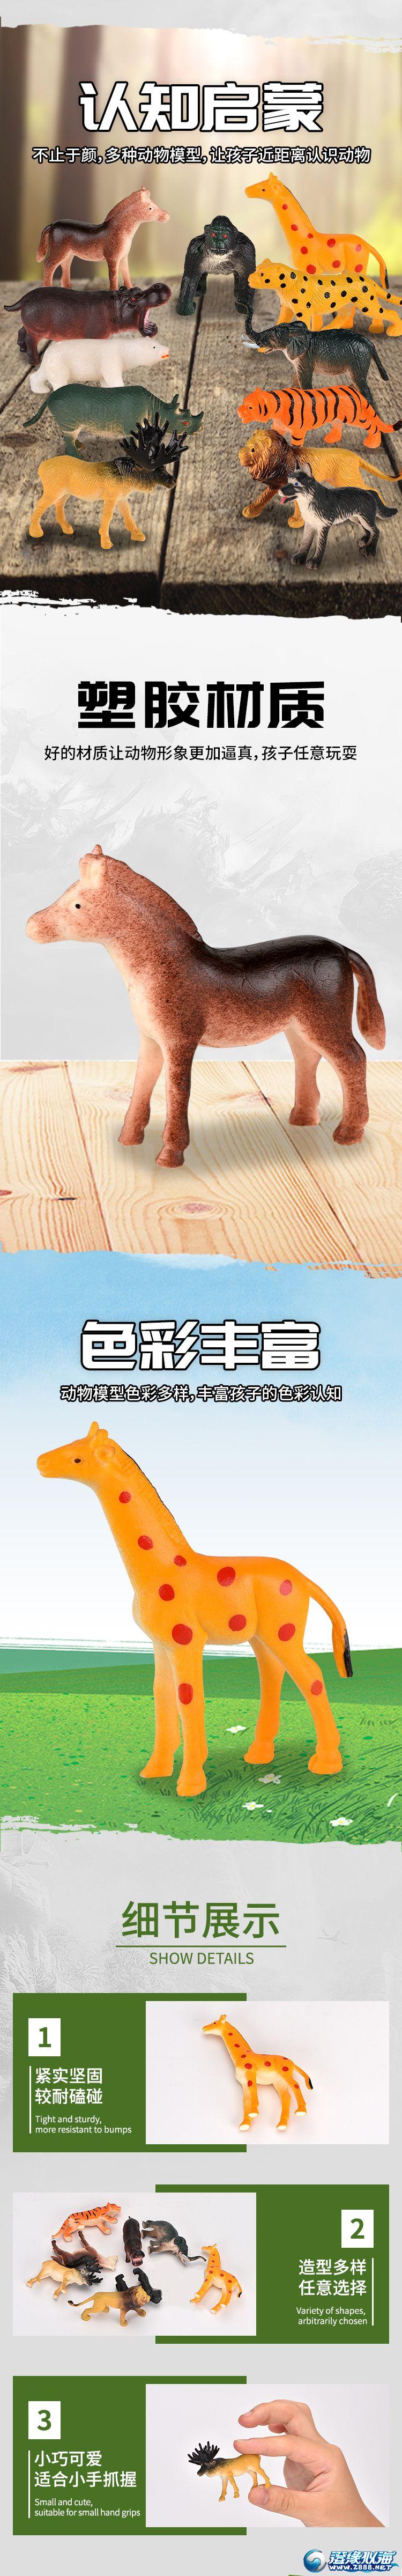 润东玩具厂-(1369A-2)-动物模型-中文版详情页_02.jpg